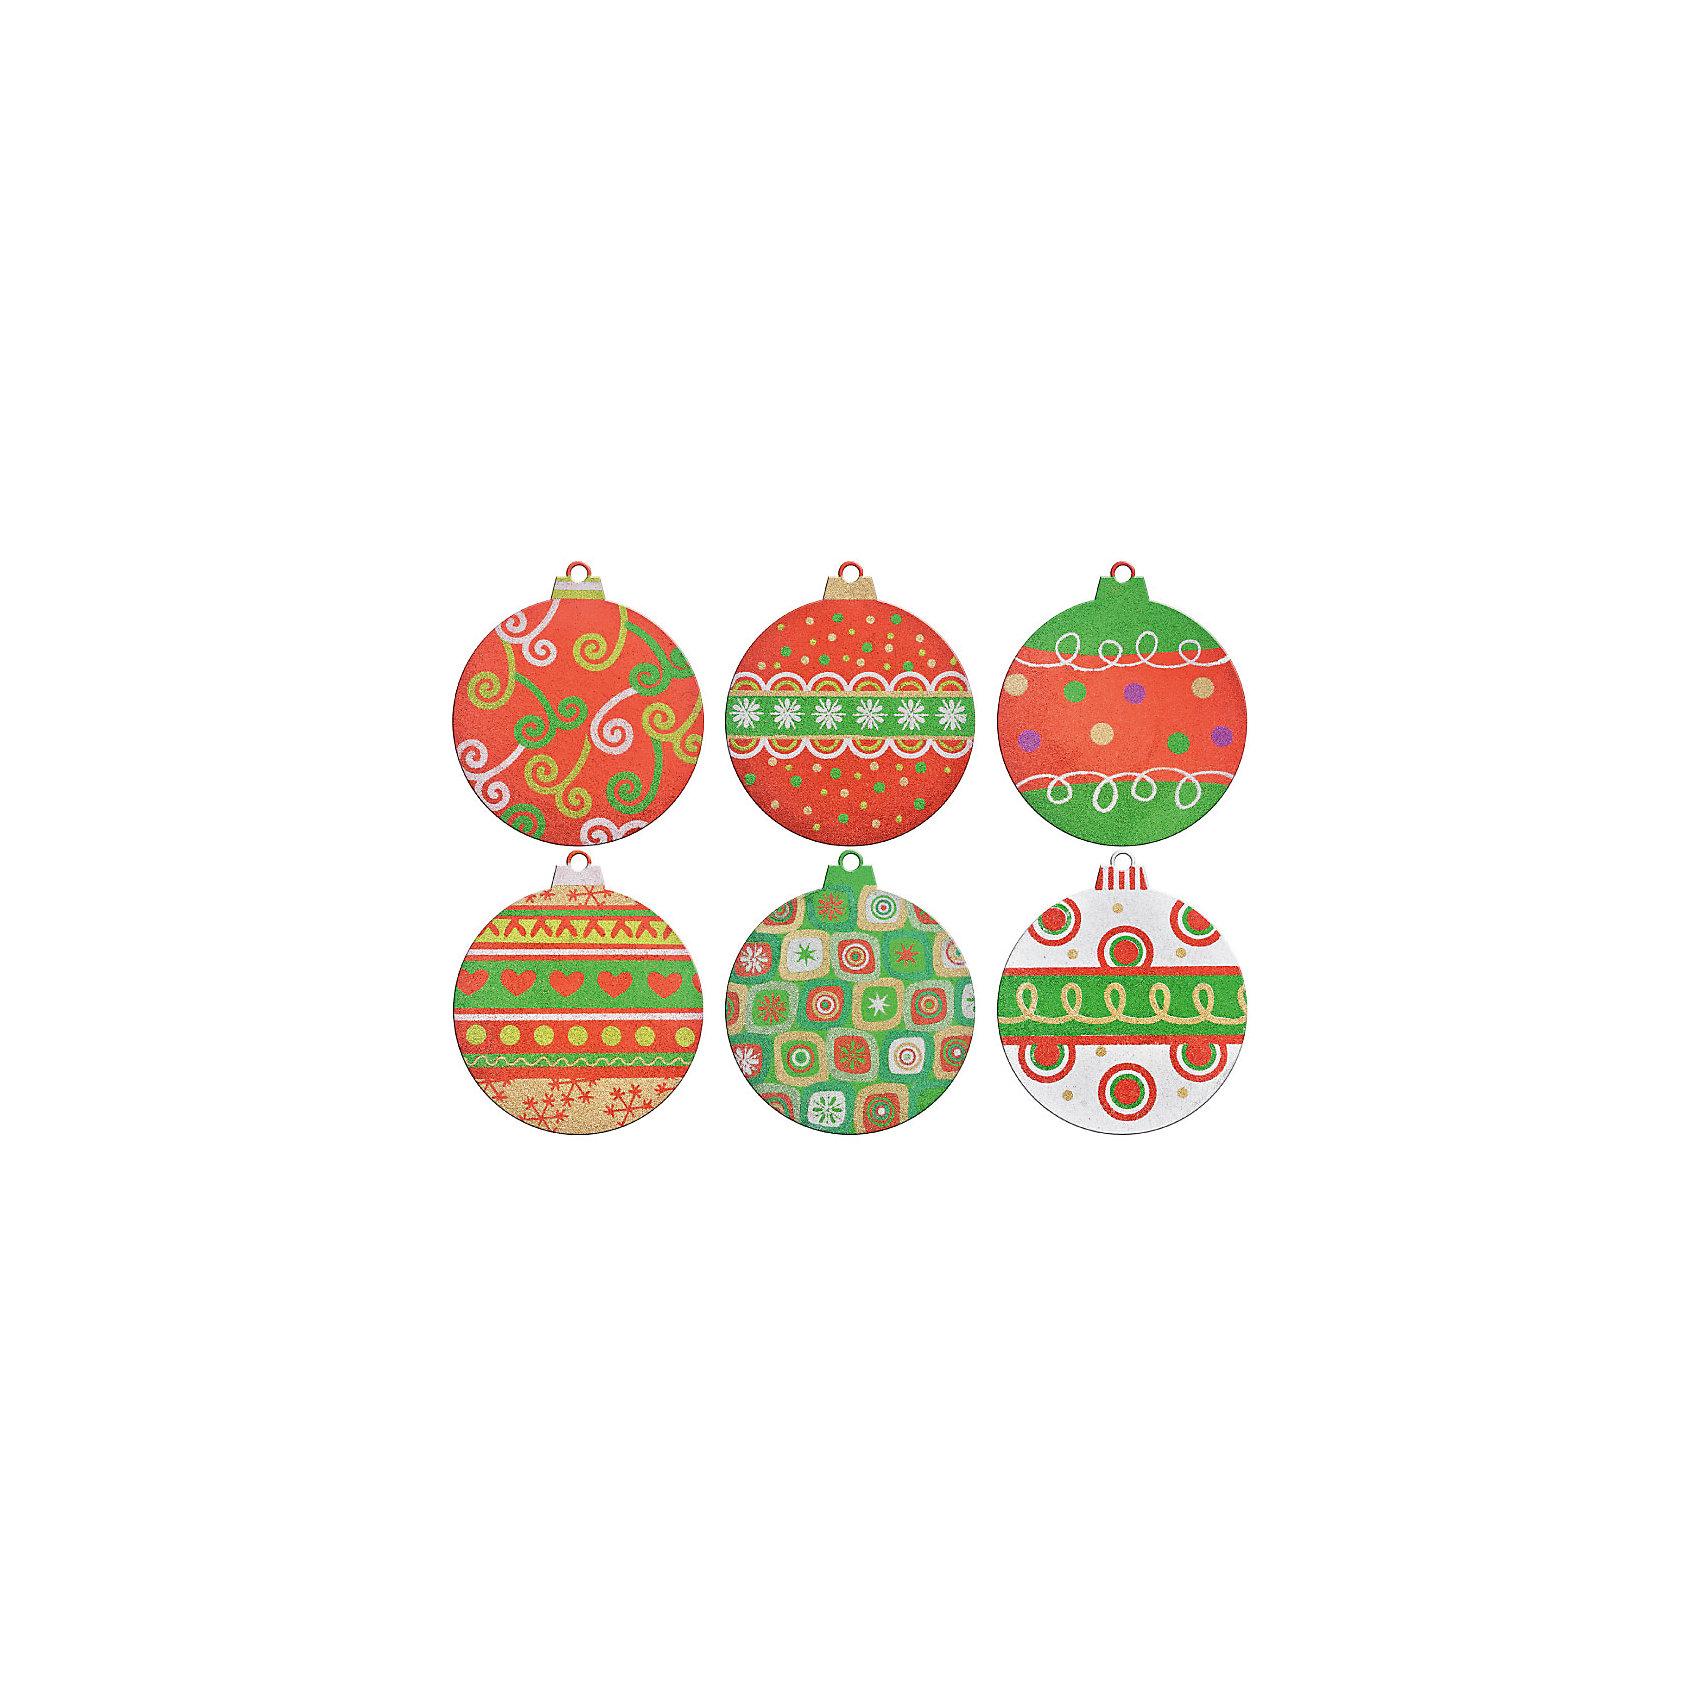 Плоское настенное украшение Шар (диаметр 25 см), в ассортиментеДекоративное украшение Шар - прекрасный вариант для маленького праздничного сувенира! Подходит для оформления помещений, витрин, его можно повесить на елку. Прекрасно сочетается с другими новогодними аксессуарами.<br><br>Дополнительная информация:<br>- Материал: пластик.<br>- 6 видов в ассортименте.<br><br>ВНИМАНИЕ! Данный артикул представлен в разных вариантах исполнения. К сожалению, заранее выбрать определенный вариант невозможно. При заказе нескольких шаров возможно получение одинаковых.<br><br>Украшение Шар, в ассортименте, можно купить в нашем магазине.<br><br>Ширина мм: 120<br>Глубина мм: 120<br>Высота мм: 10<br>Вес г: 150<br>Возраст от месяцев: 36<br>Возраст до месяцев: 2147483647<br>Пол: Унисекс<br>Возраст: Детский<br>SKU: 4293048